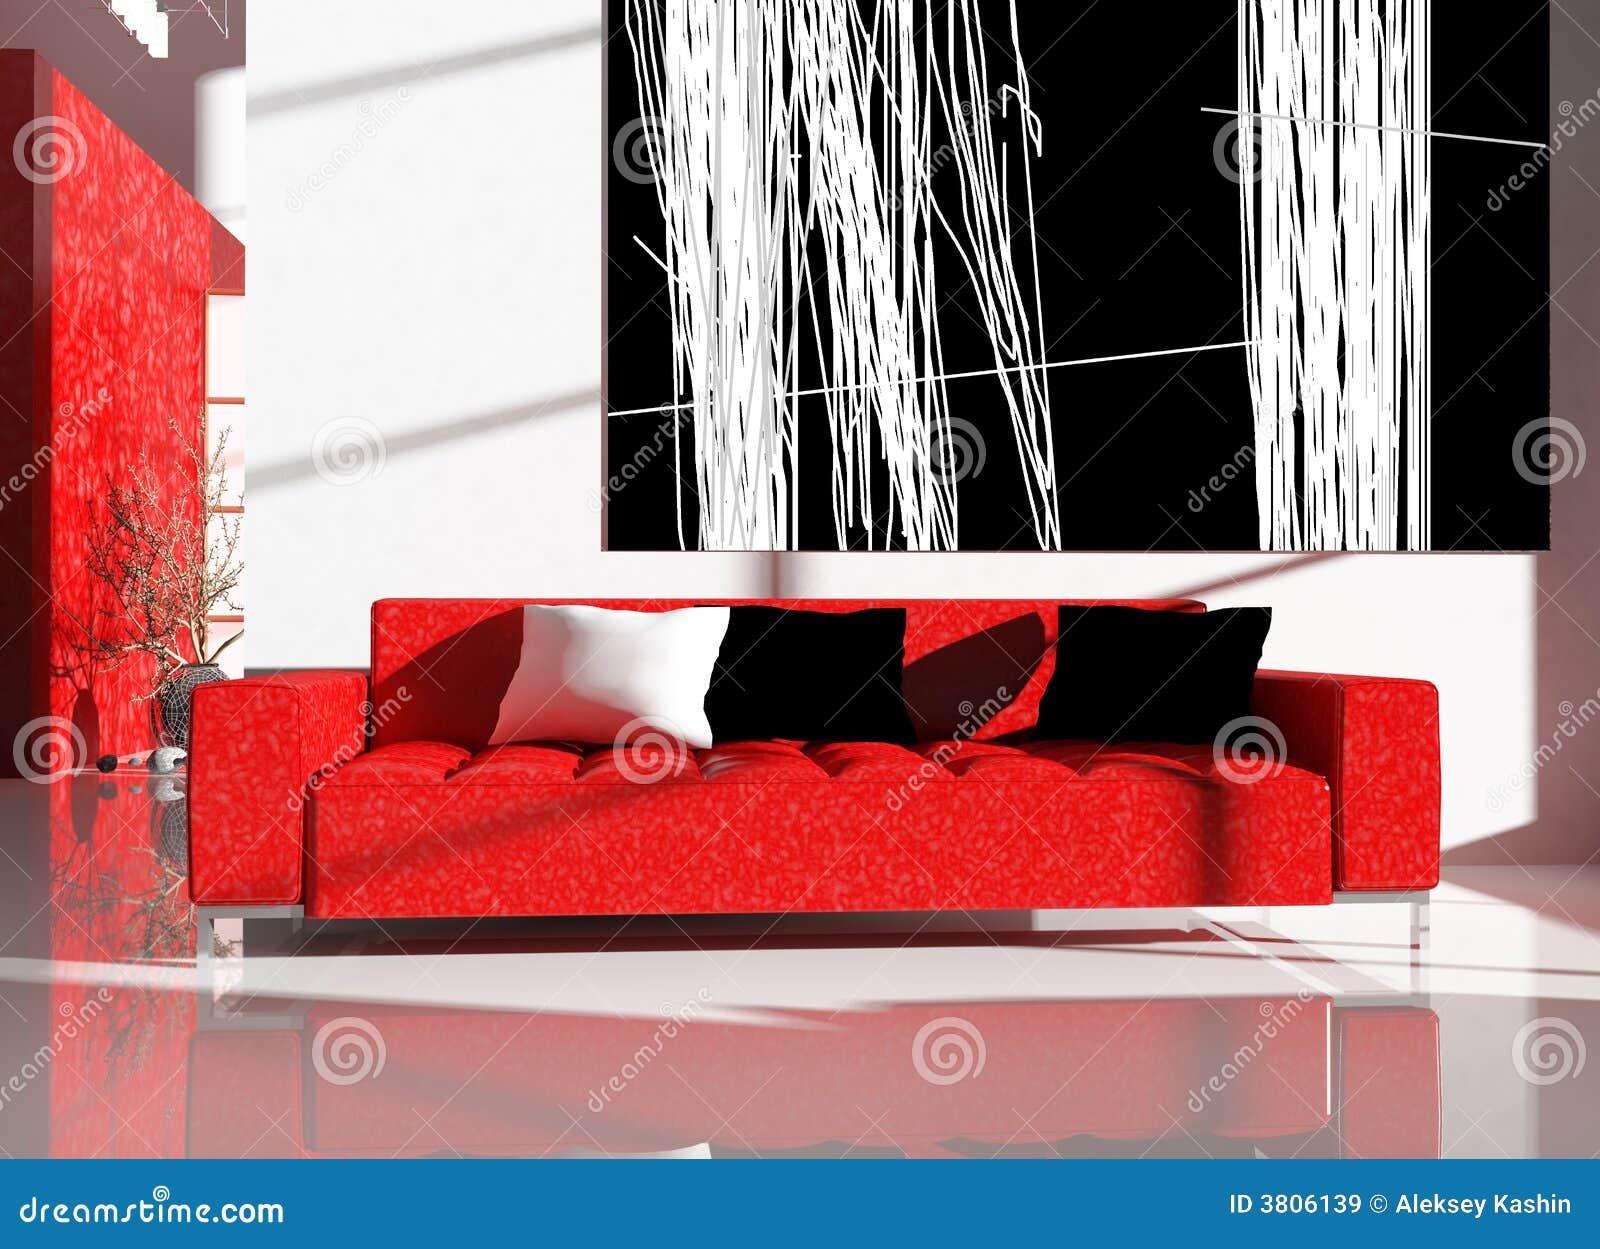 Muebles de interior for Muebles de bano rojos